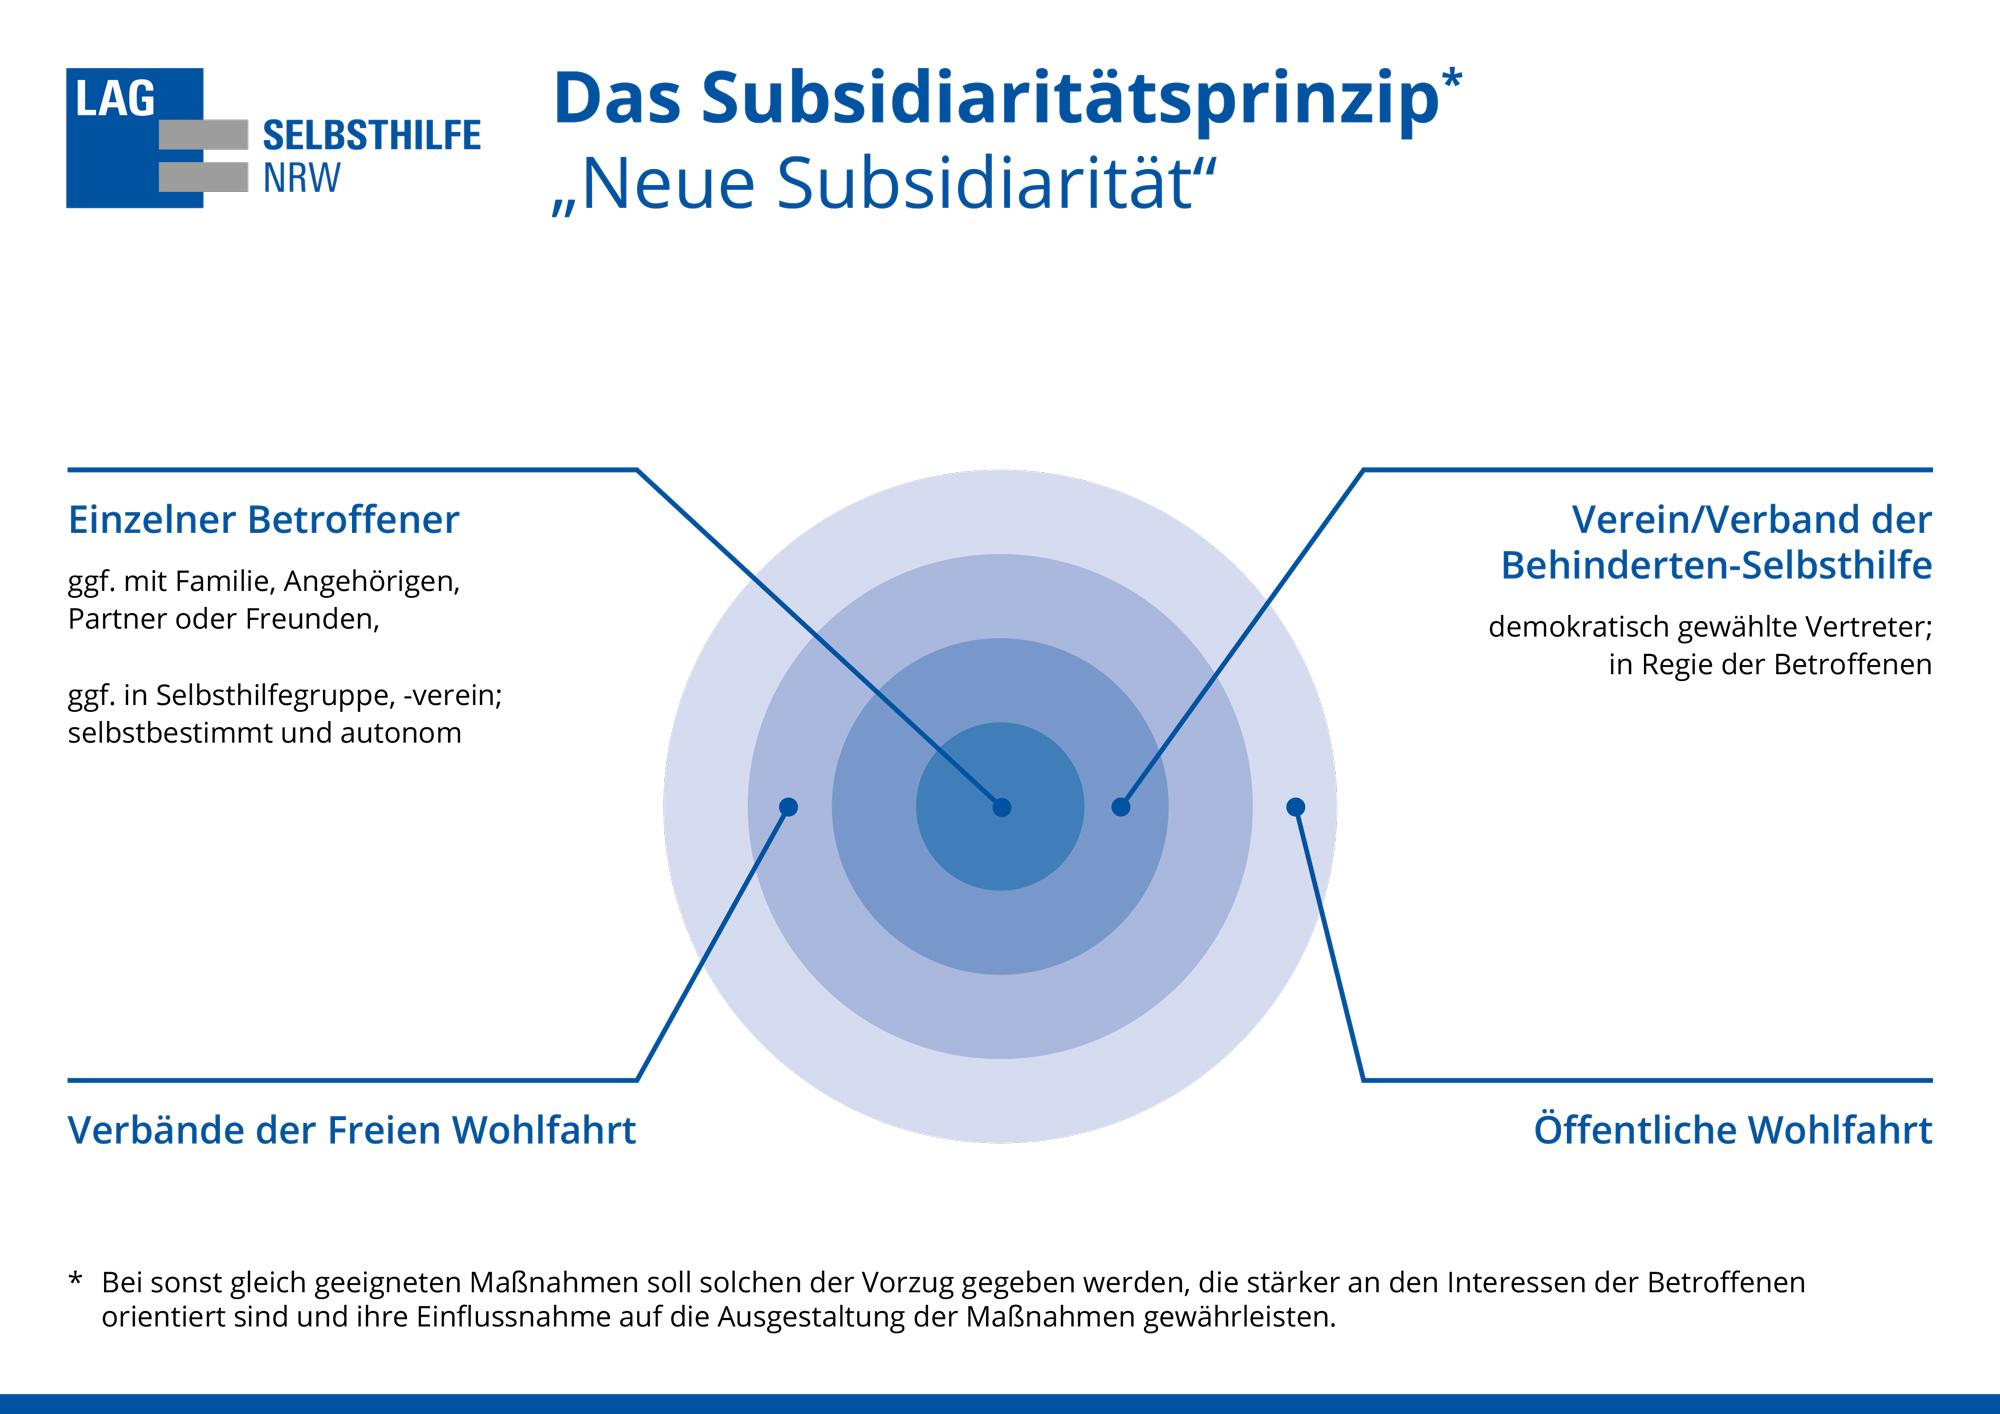 An dieser Stelle finden Sie ein Schaubild, welches das Subsdiaritätsprinzip darstellt. Es zeigt vier Ringe, die sogenannten Subsidiaritätsringe. Der erste Ring bzw. Kreis, der das Zentrum aller Ringe bildet, stellt den einzelnen Betroffenen als originären Anknüpfungspunkt allen staatlichen Handelns (Sozialstaatsprinzip, Subsidiaritätsprinzip) dar, ggf. mit Familie, ggf. mit der Selbsthilfegruppe, dem Selbsthilfeverein, in Regie des Betroffenen. Der zweite Ring, der etwas größer ist und gleichmäßig mittig unter dem Kreis hervorschaut, steht für den Verein bzw. Verband der Behindertenselbsthilfe, einen demokratisch gewählten Vertreter, der in Regie der Betroffenen agiert. Unter dem zweiten Ring schaut mittig ein größerer dritter Ring hervor, der die Verbände der freien Wohlfahrt darstellt. Der vierte und letzte Ring, der unter den anderen Ringen als größter zu sehen ist, stellt die öffentliche Wohlfahrt dar. Auf dem Schaubild findet sich der Hinweis: Bei sonst gleich geeigneten Maßnahmen soll solchen der Vorzug gegeben werden, die stärker an den Interessen der Betroffenen orientiert sind und ihre Einflussnahme auf die Ausgestaltung der Maßnahmen gewährleisten.